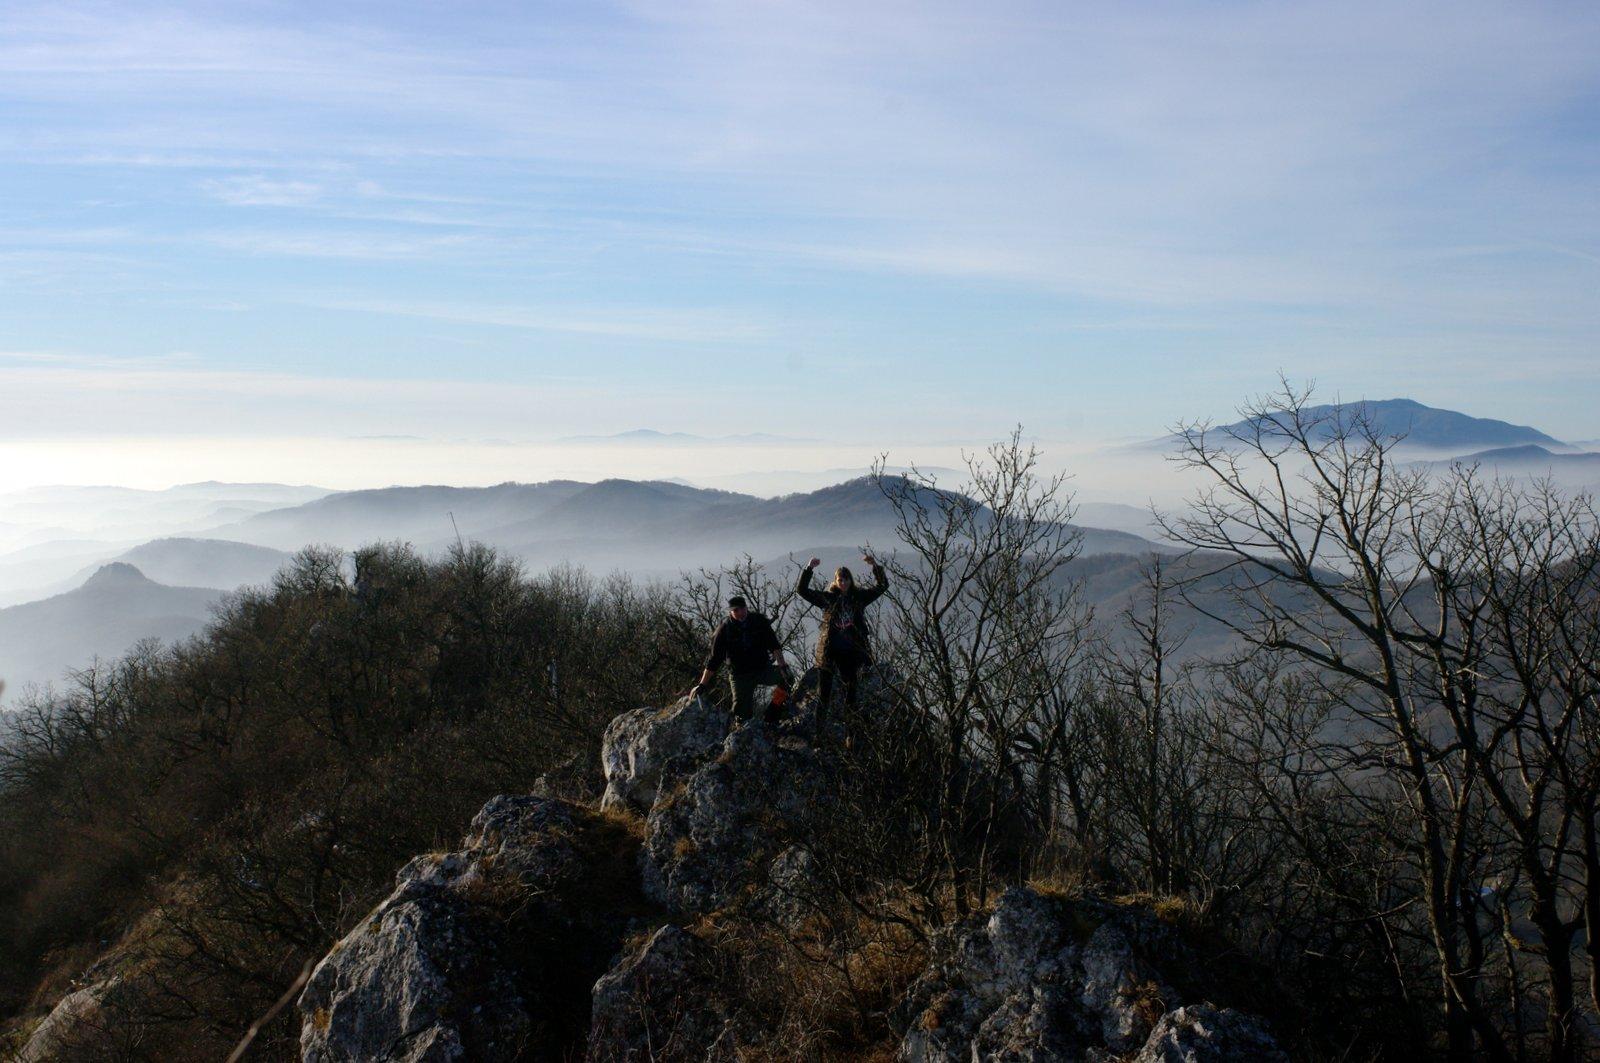 imgp1749_stefanjsko_planinarenje_bozicni_poklon_kalnik_kolumna_planinarski_kutak_2016_by_bozidar_poljak